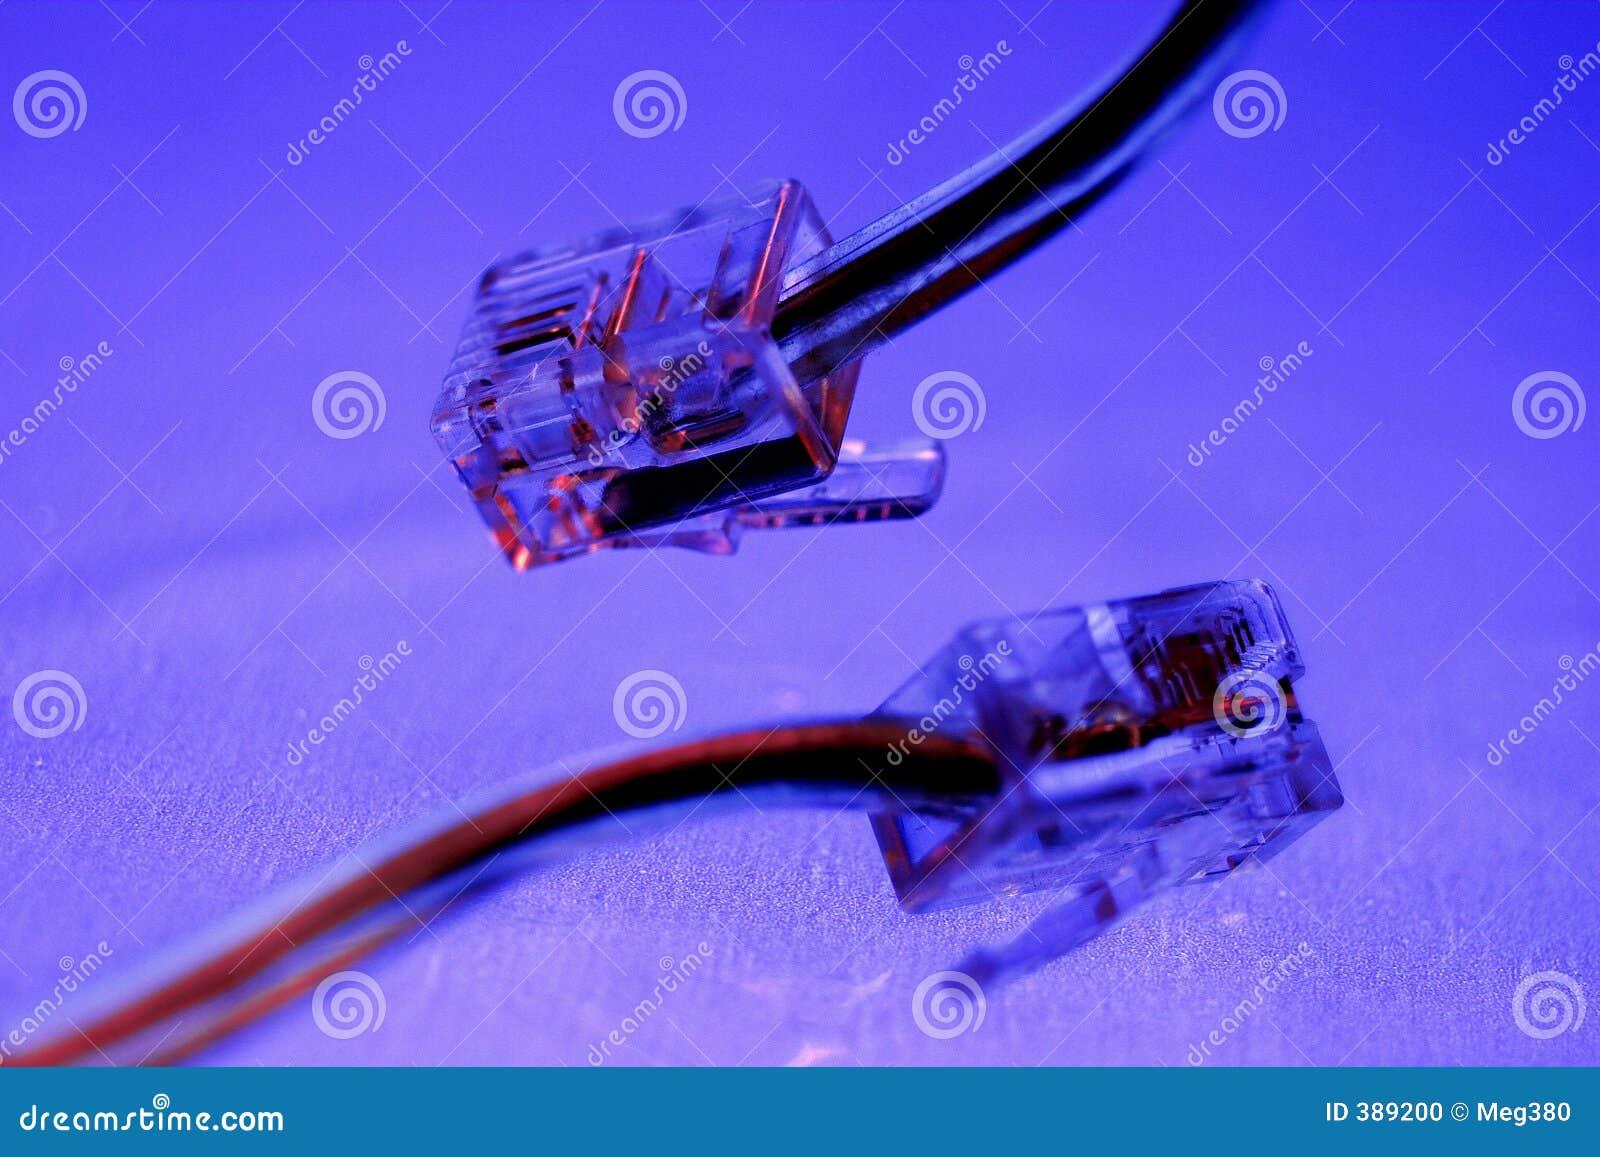 Câble et fiche de téléphone